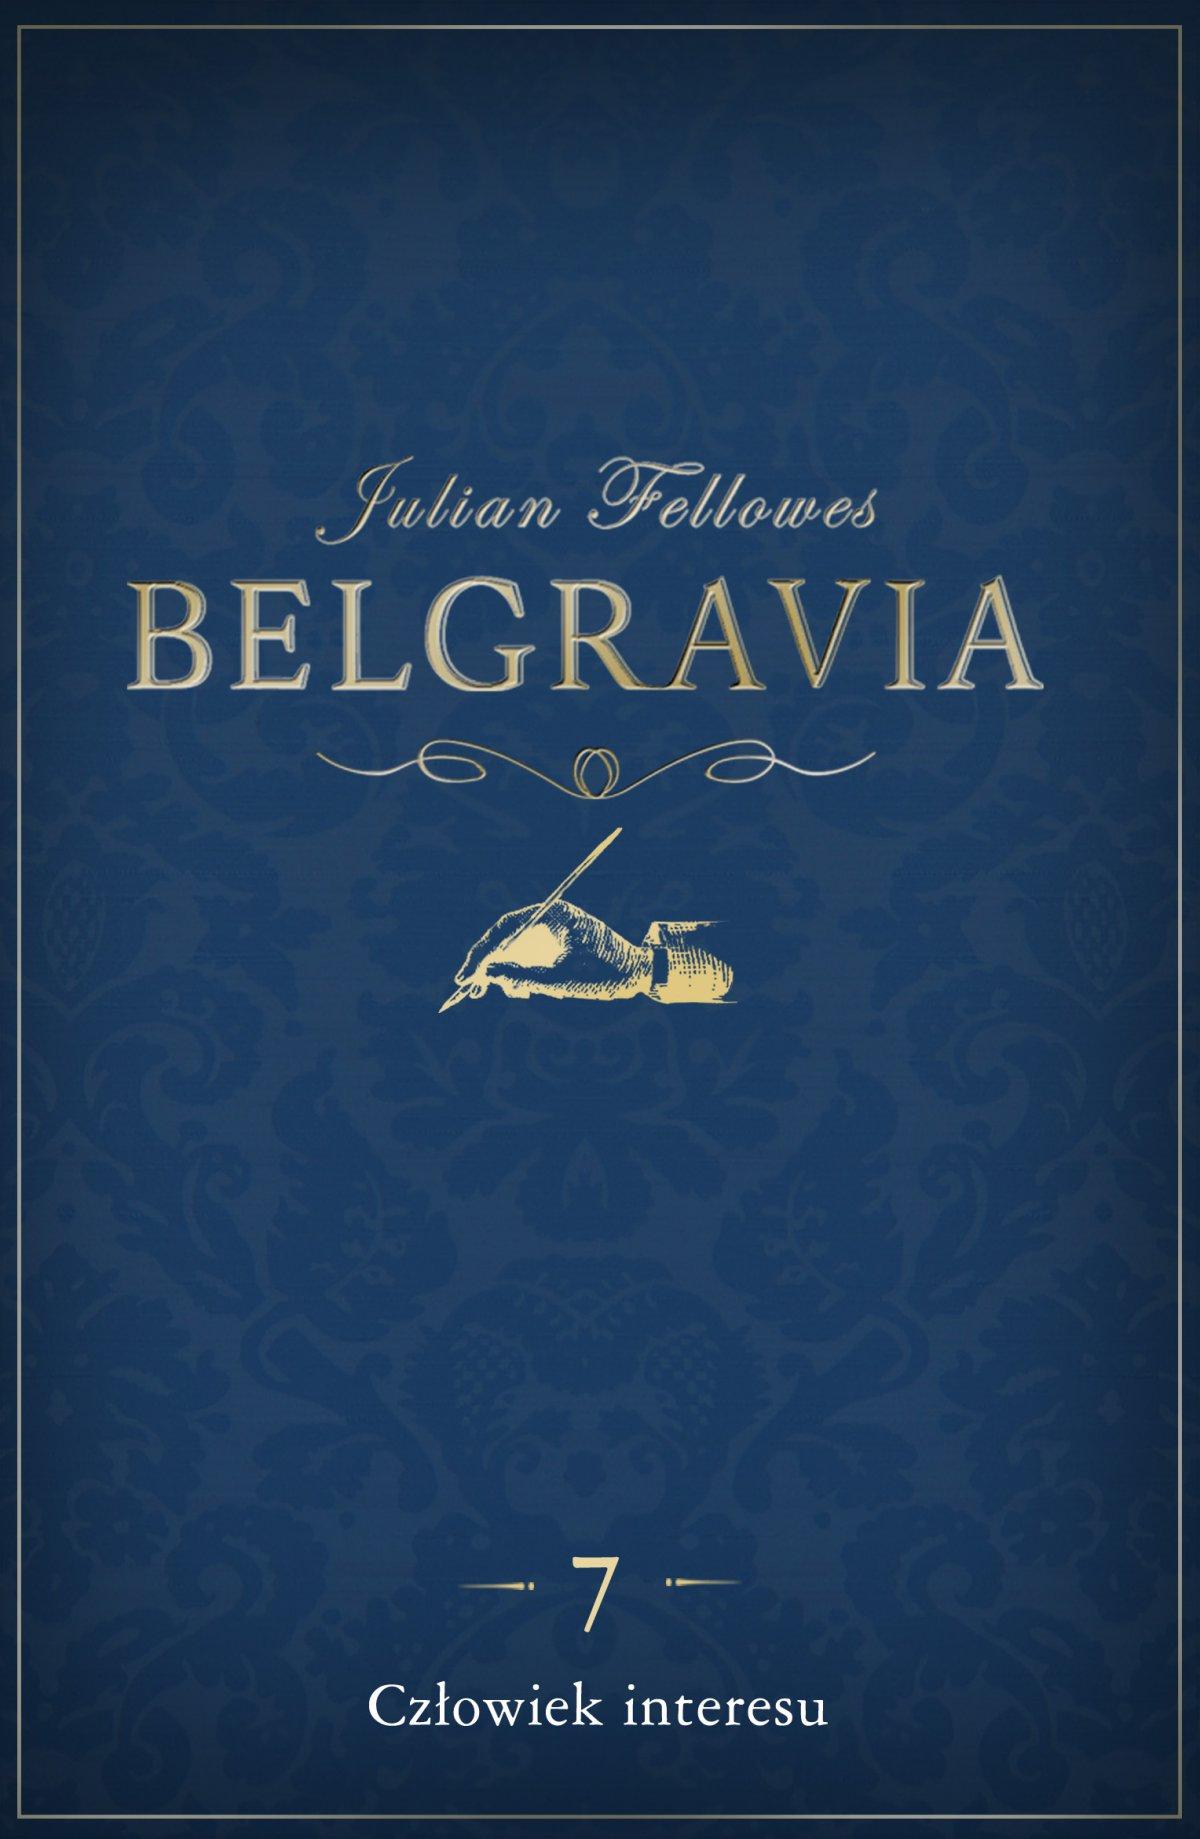 Belgravia Człowiek interesu. Odcinek 7 - Ebook (Książka EPUB) do pobrania w formacie EPUB